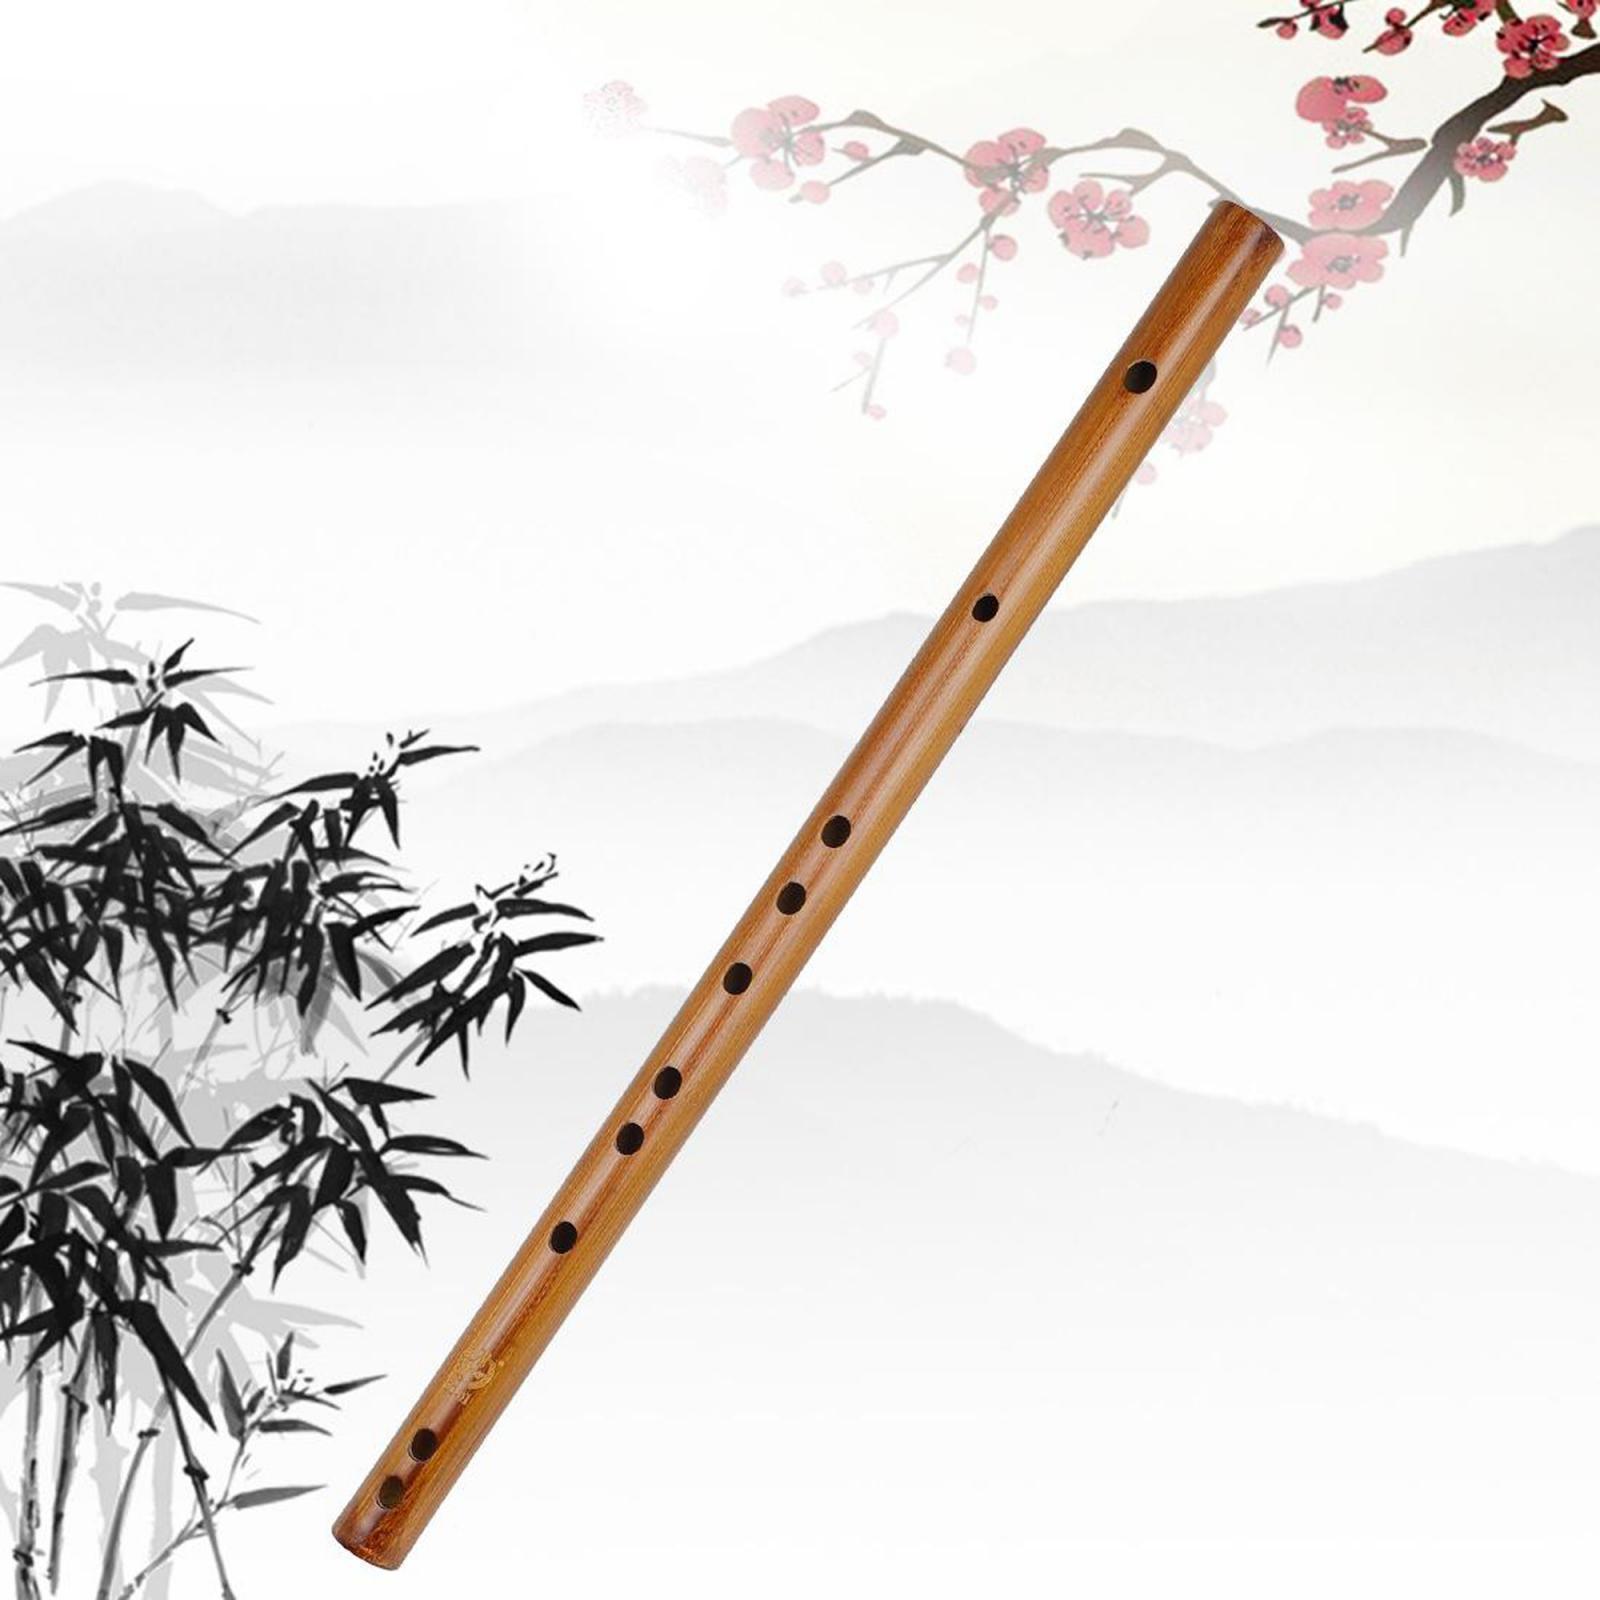 miniatura 24 - Unico-Indiano-di-Legno-Flauto-Strumento-Musicale-Registratore-Bansuri-Regalo